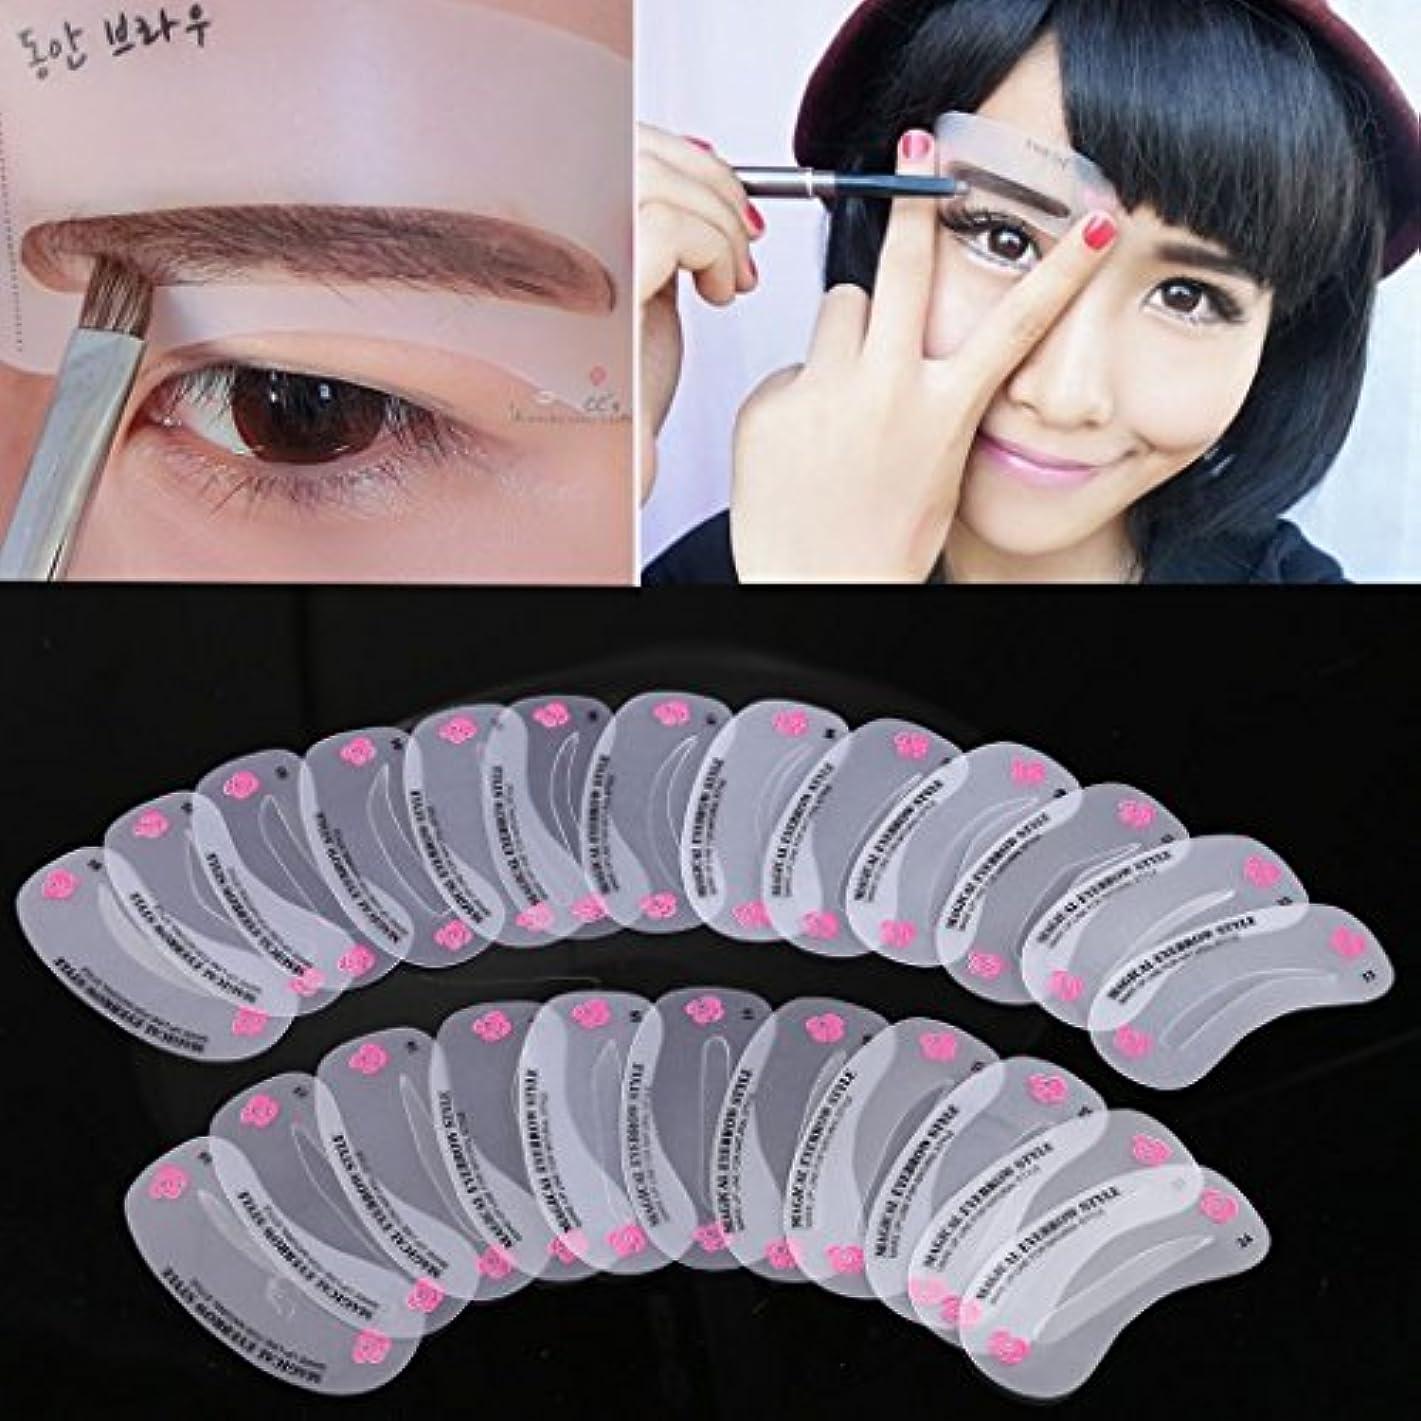 銛のホスト最少24のスタイル?ステンシル化粧キット眉毛グルーミングセットを形づくっている異なる眉シェーパー